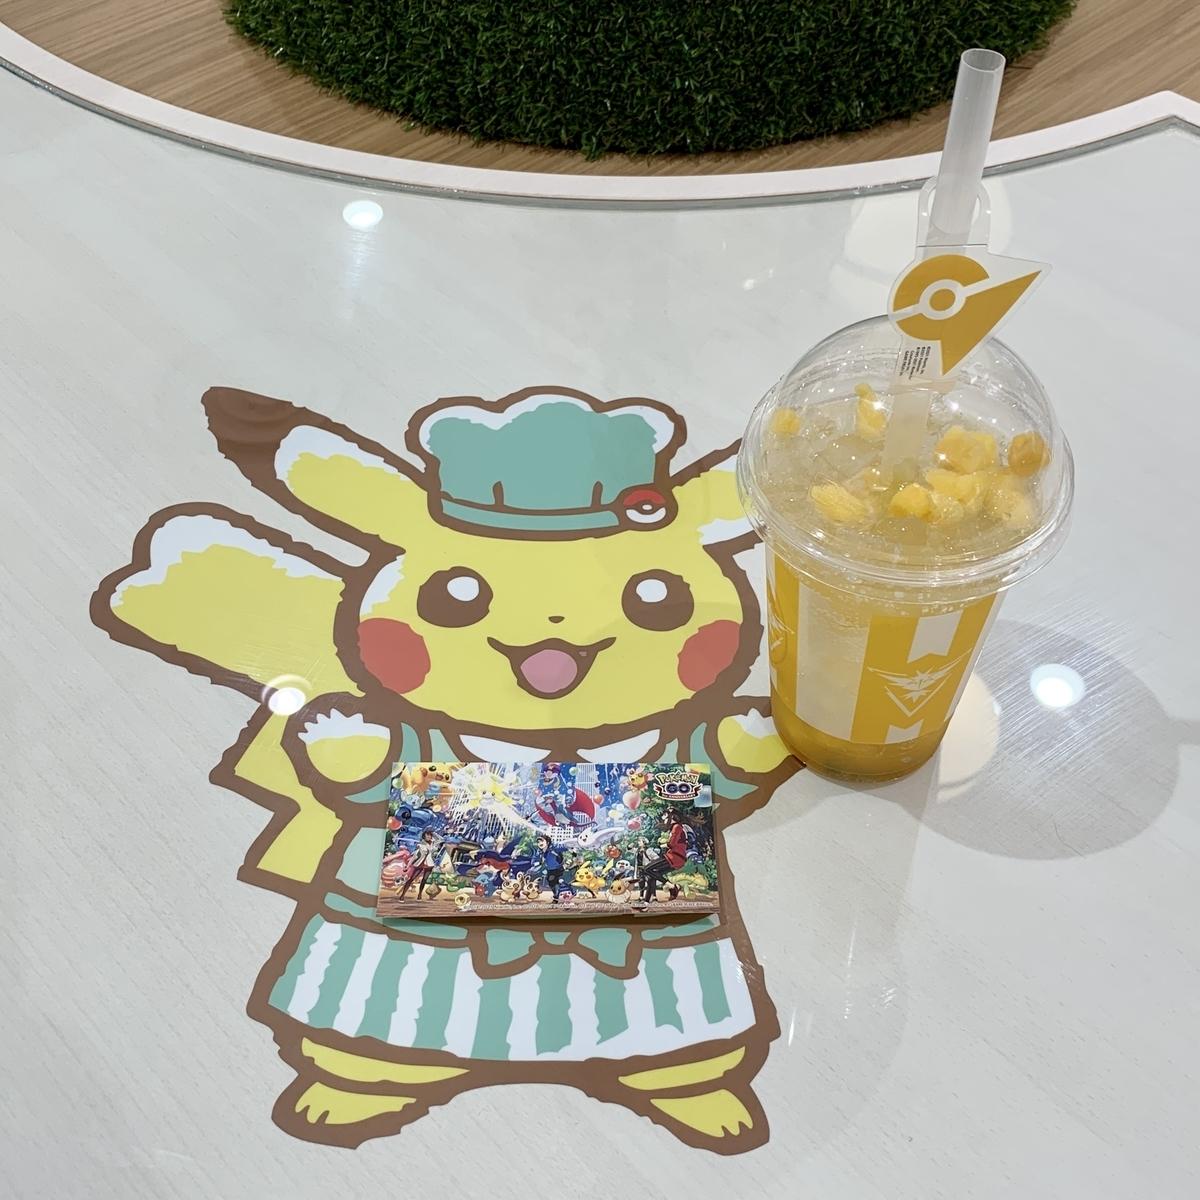 f:id:pikachu_pcn:20210723182604j:plain